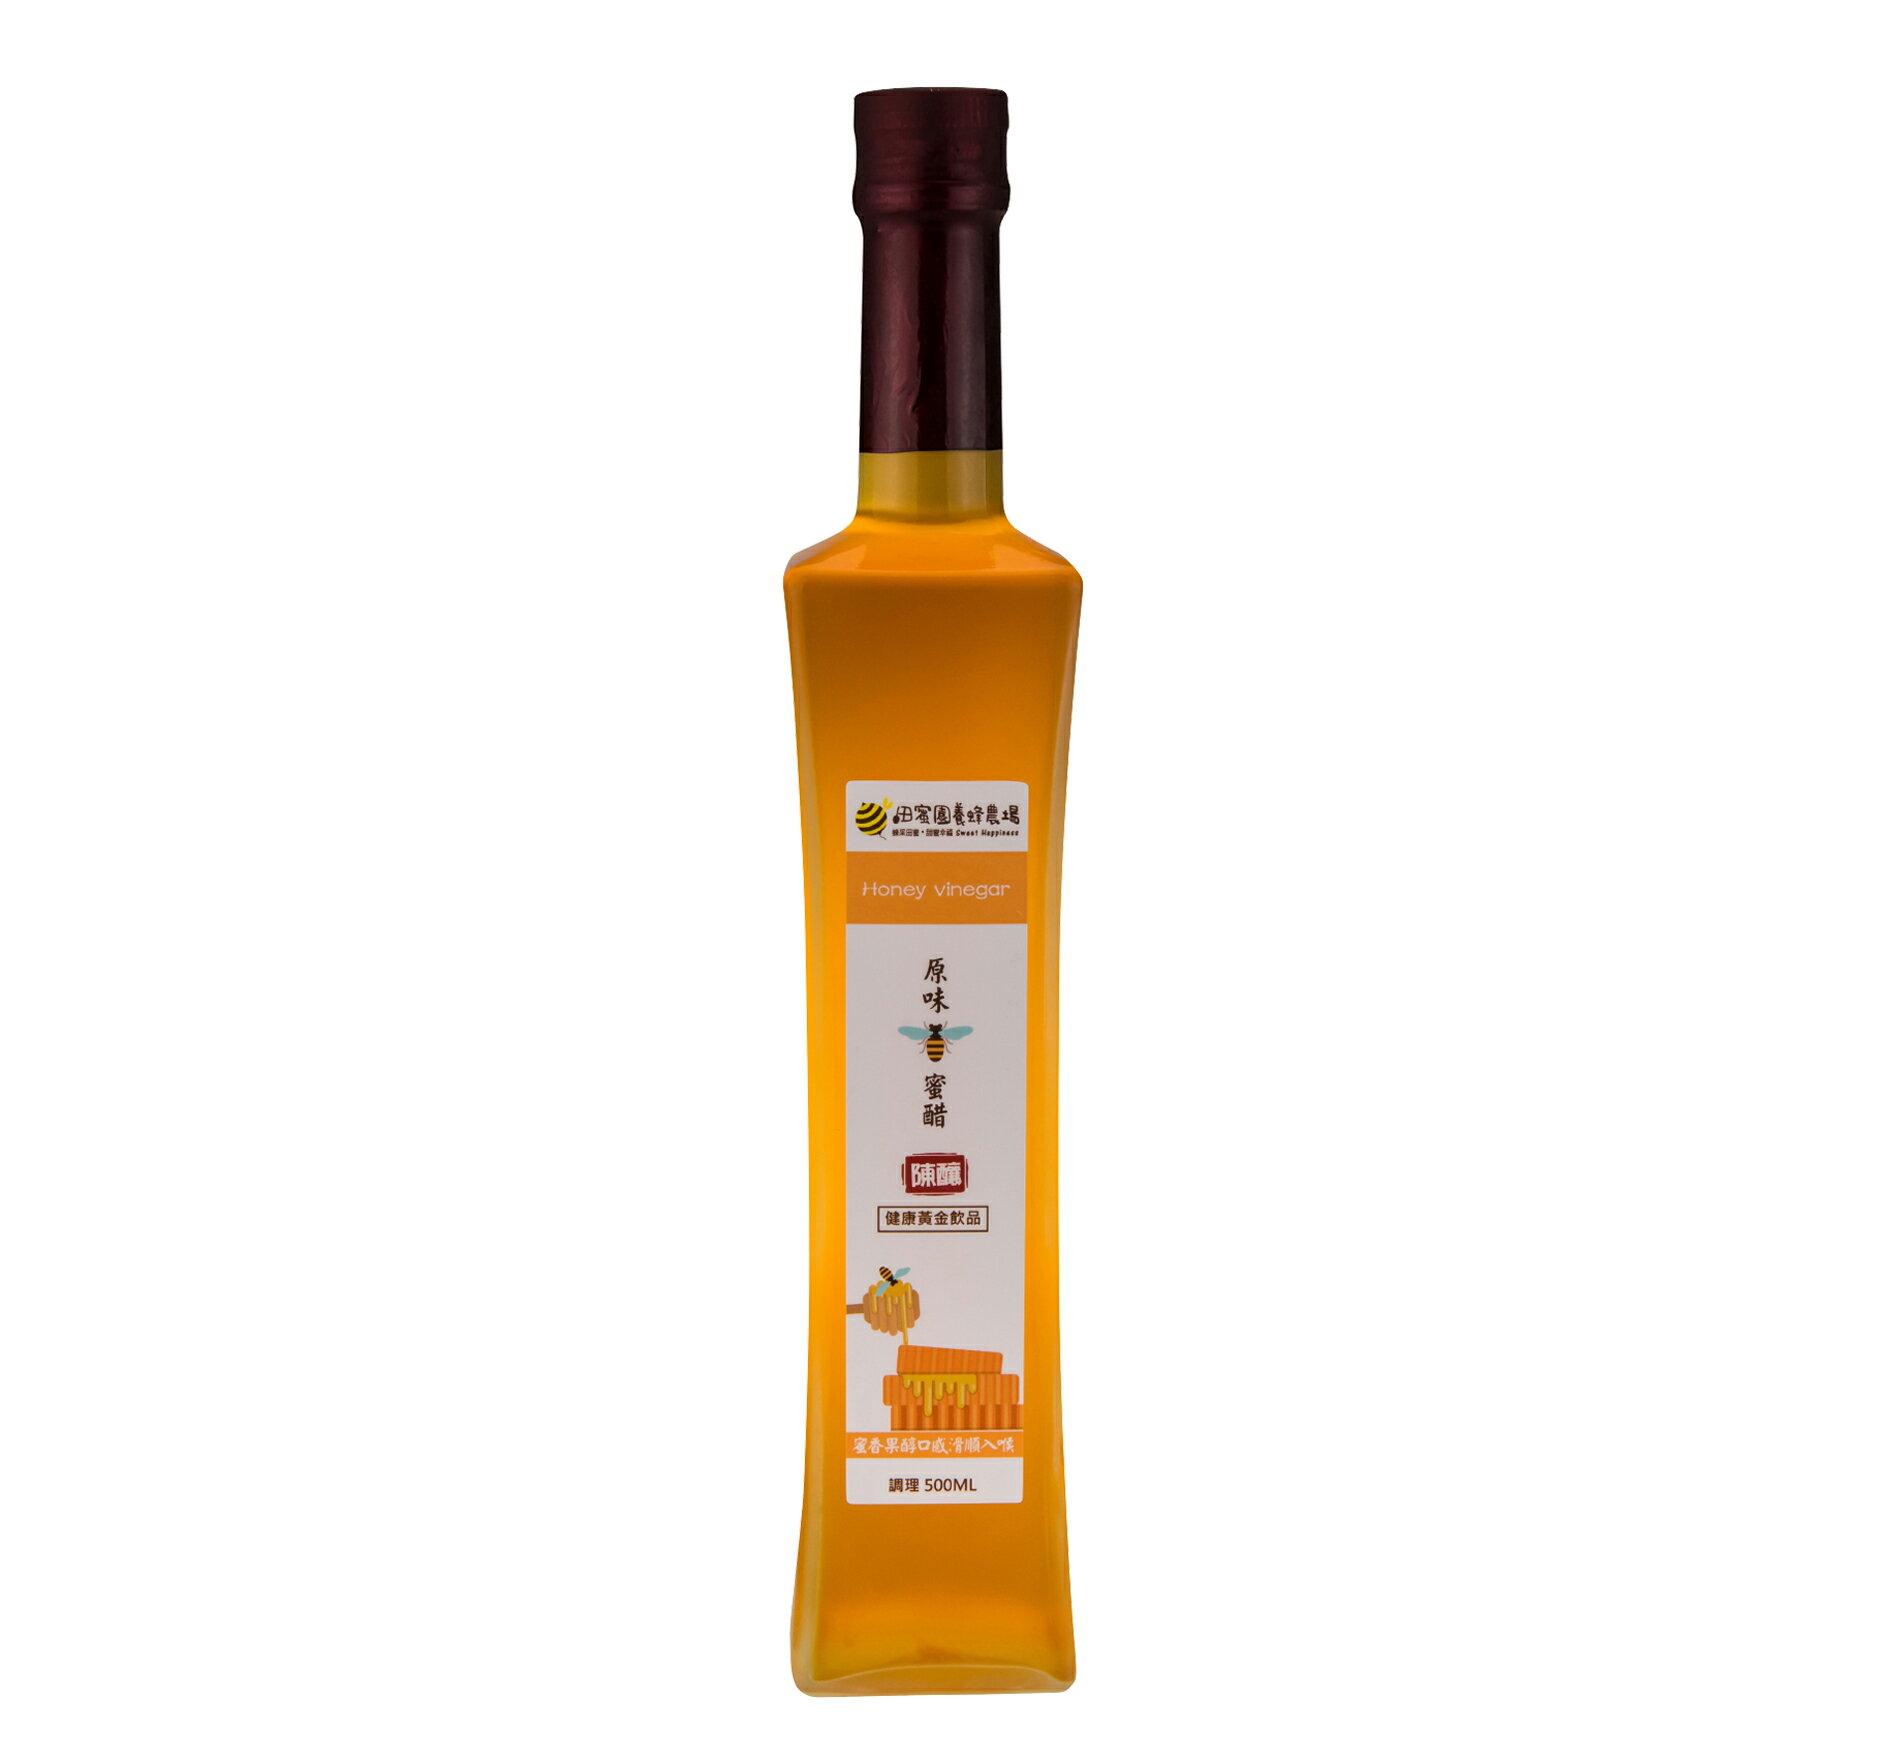 【田蜜園養蜂農場】真味有限公司|原味蜂蜜醋|蜂蜜、蜂花粉、蜂王乳、蜂蜜醋系列